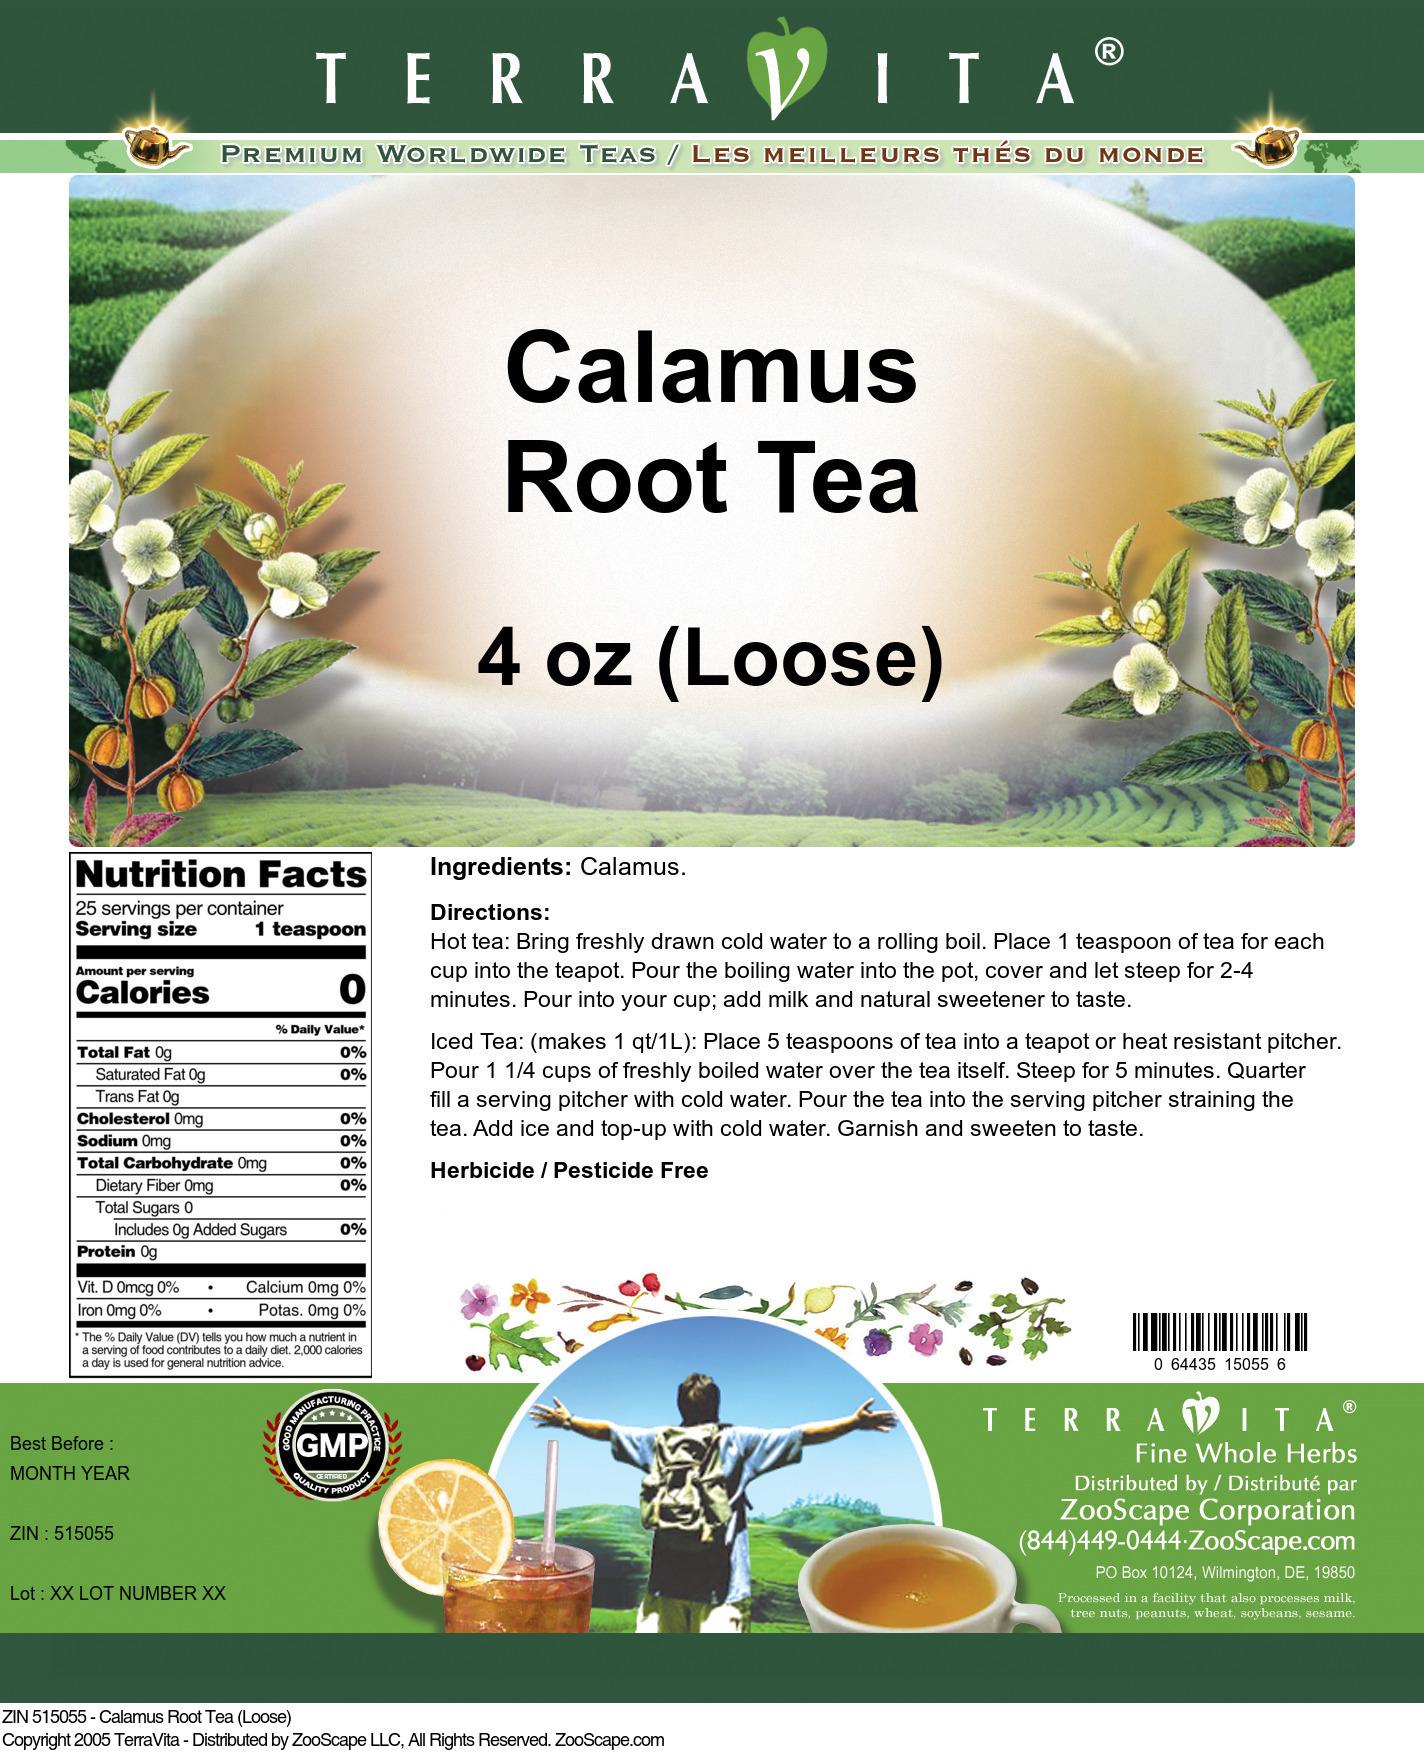 Calamus Root Tea (Loose)